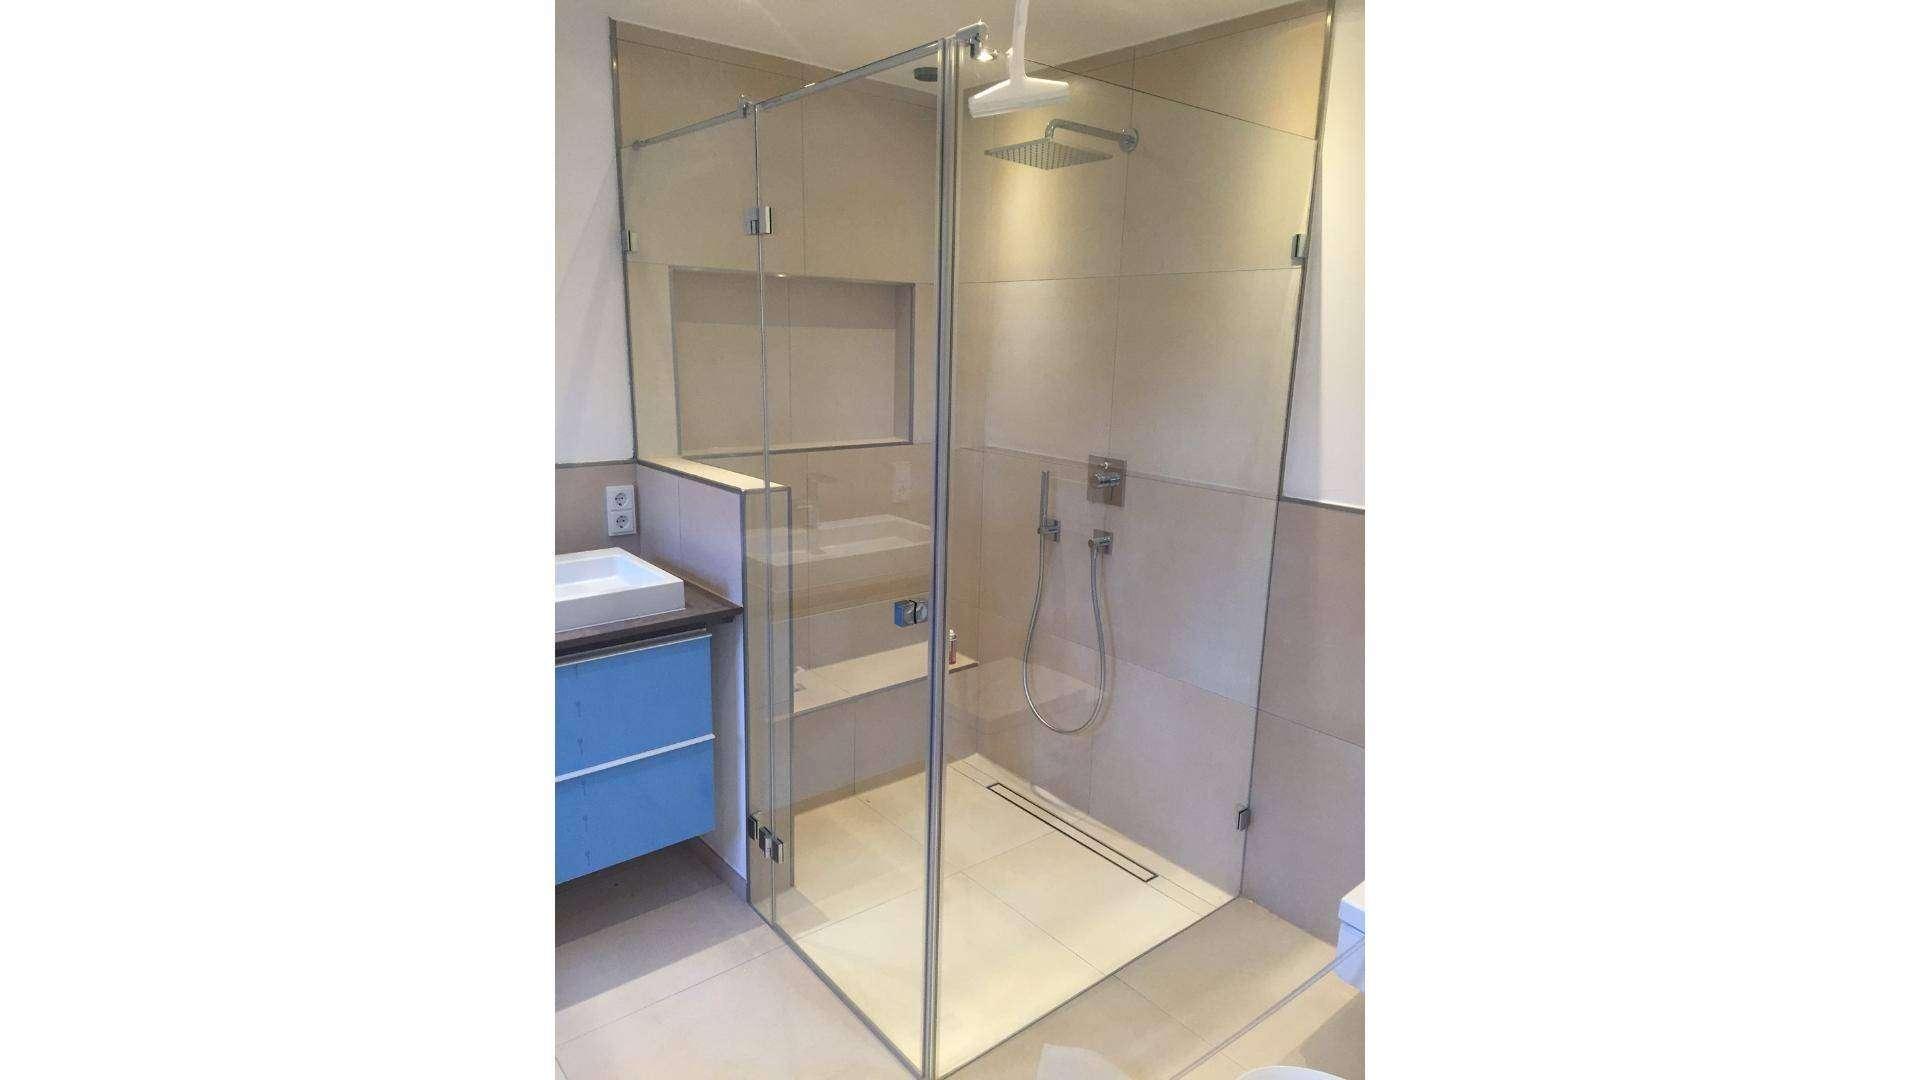 Dusche in einem Badezimmer